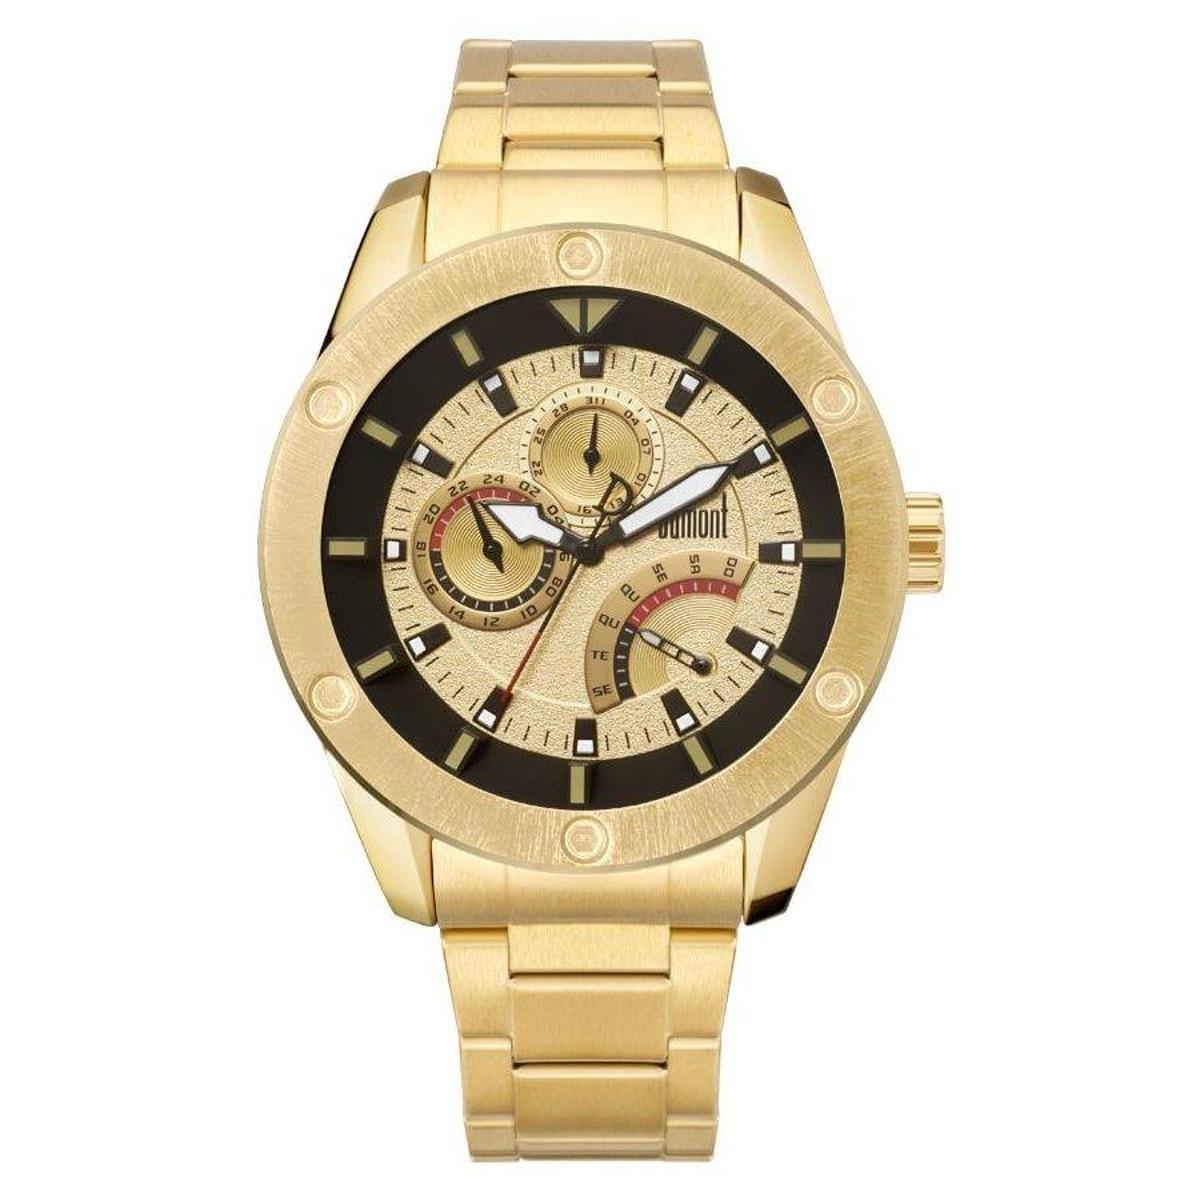 9bc8333e285 Relógio Dumont Masculino Dujr00Al 4D - Compre Agora